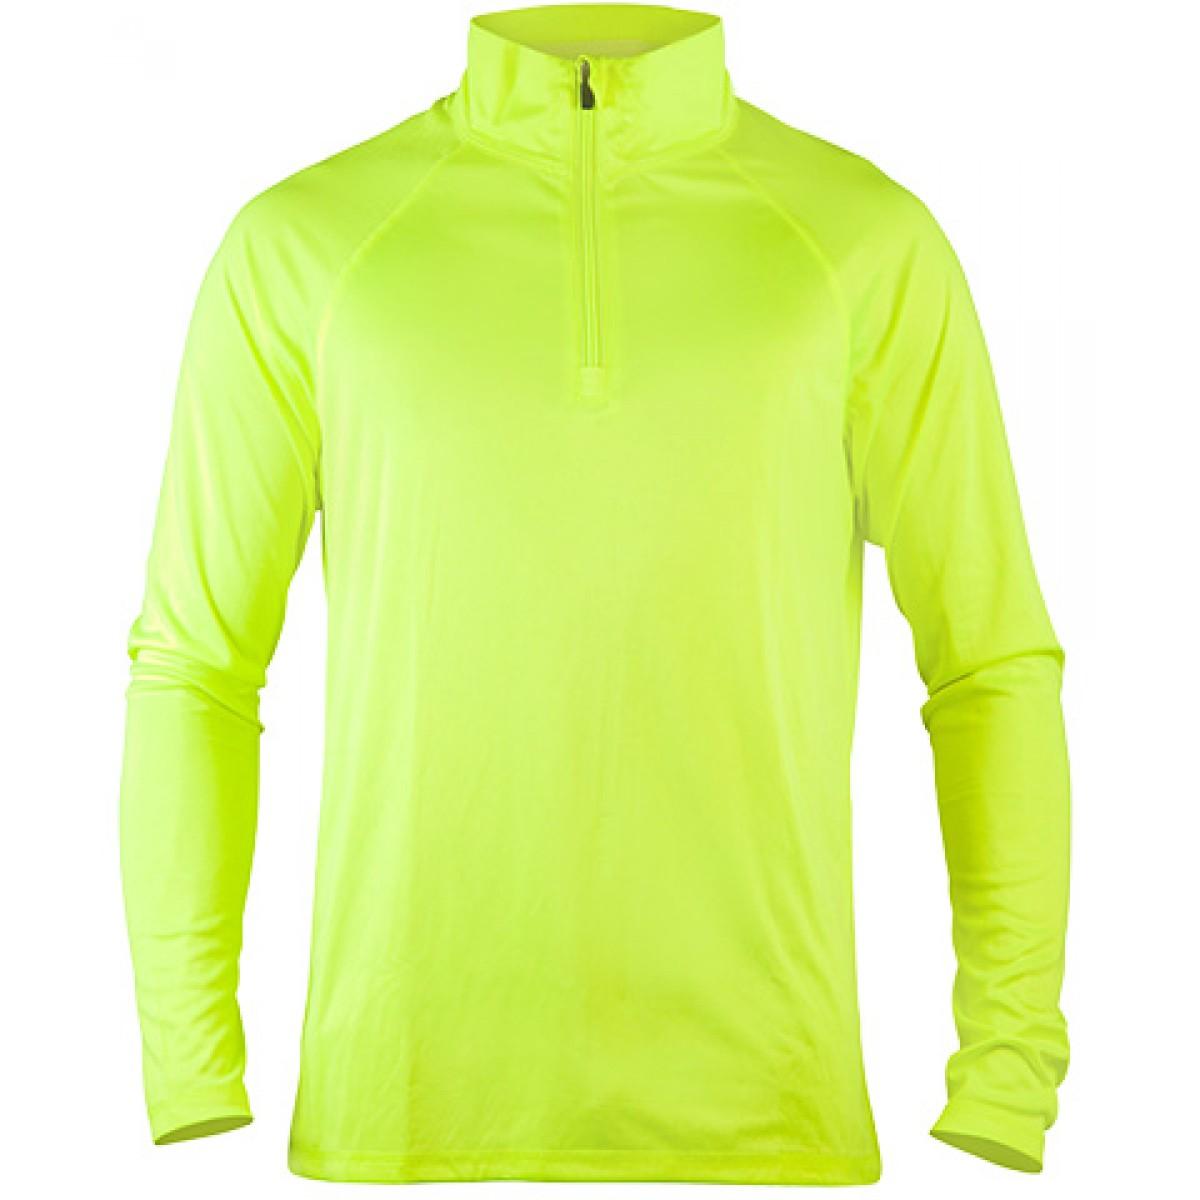 Men's Quarter-Zip Lightweight Pullover-Neon Green-XL